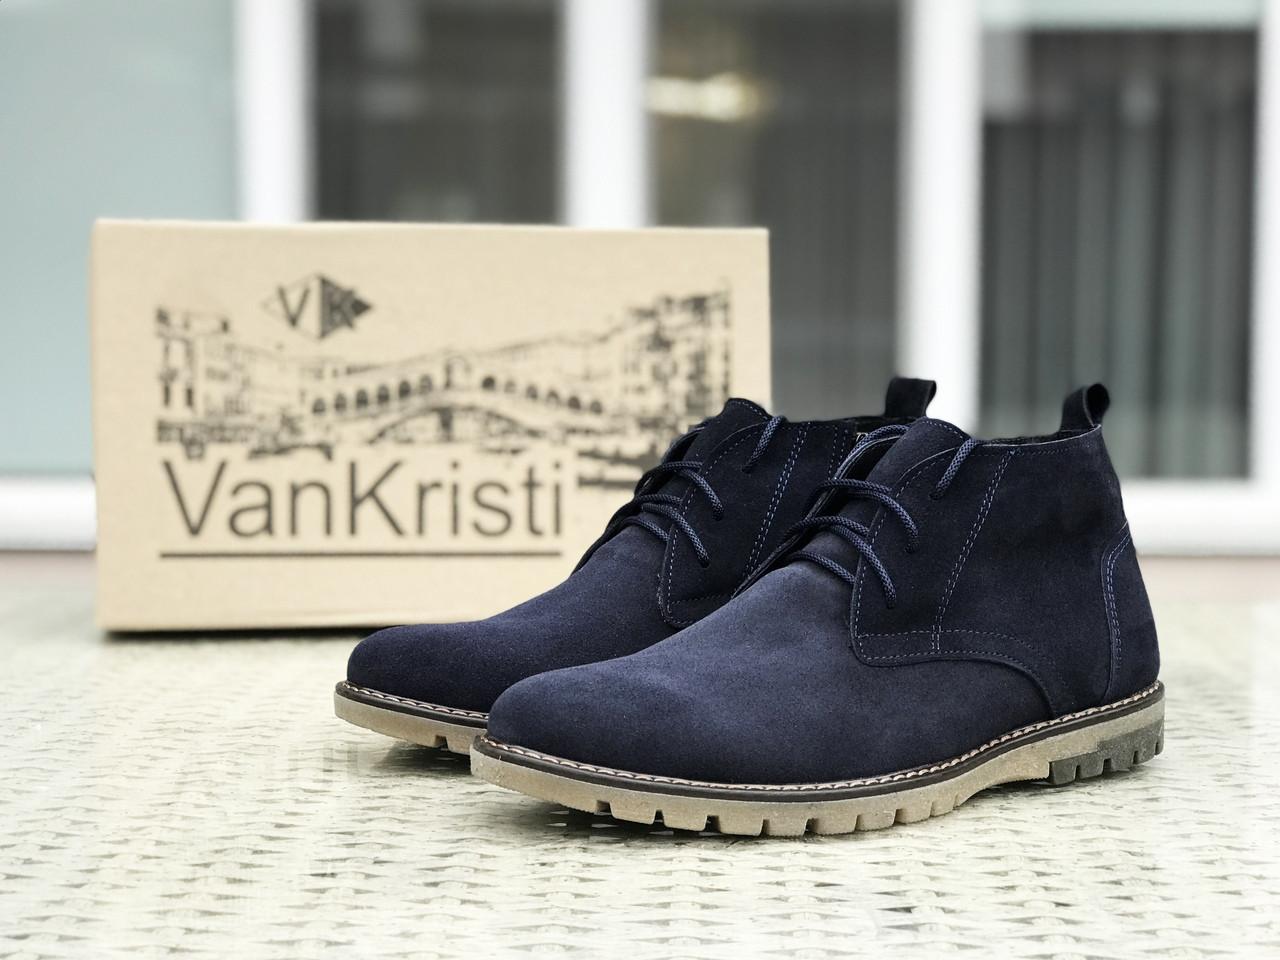 Мужские замшевые туфли Van Kristi, на меху,темно синие